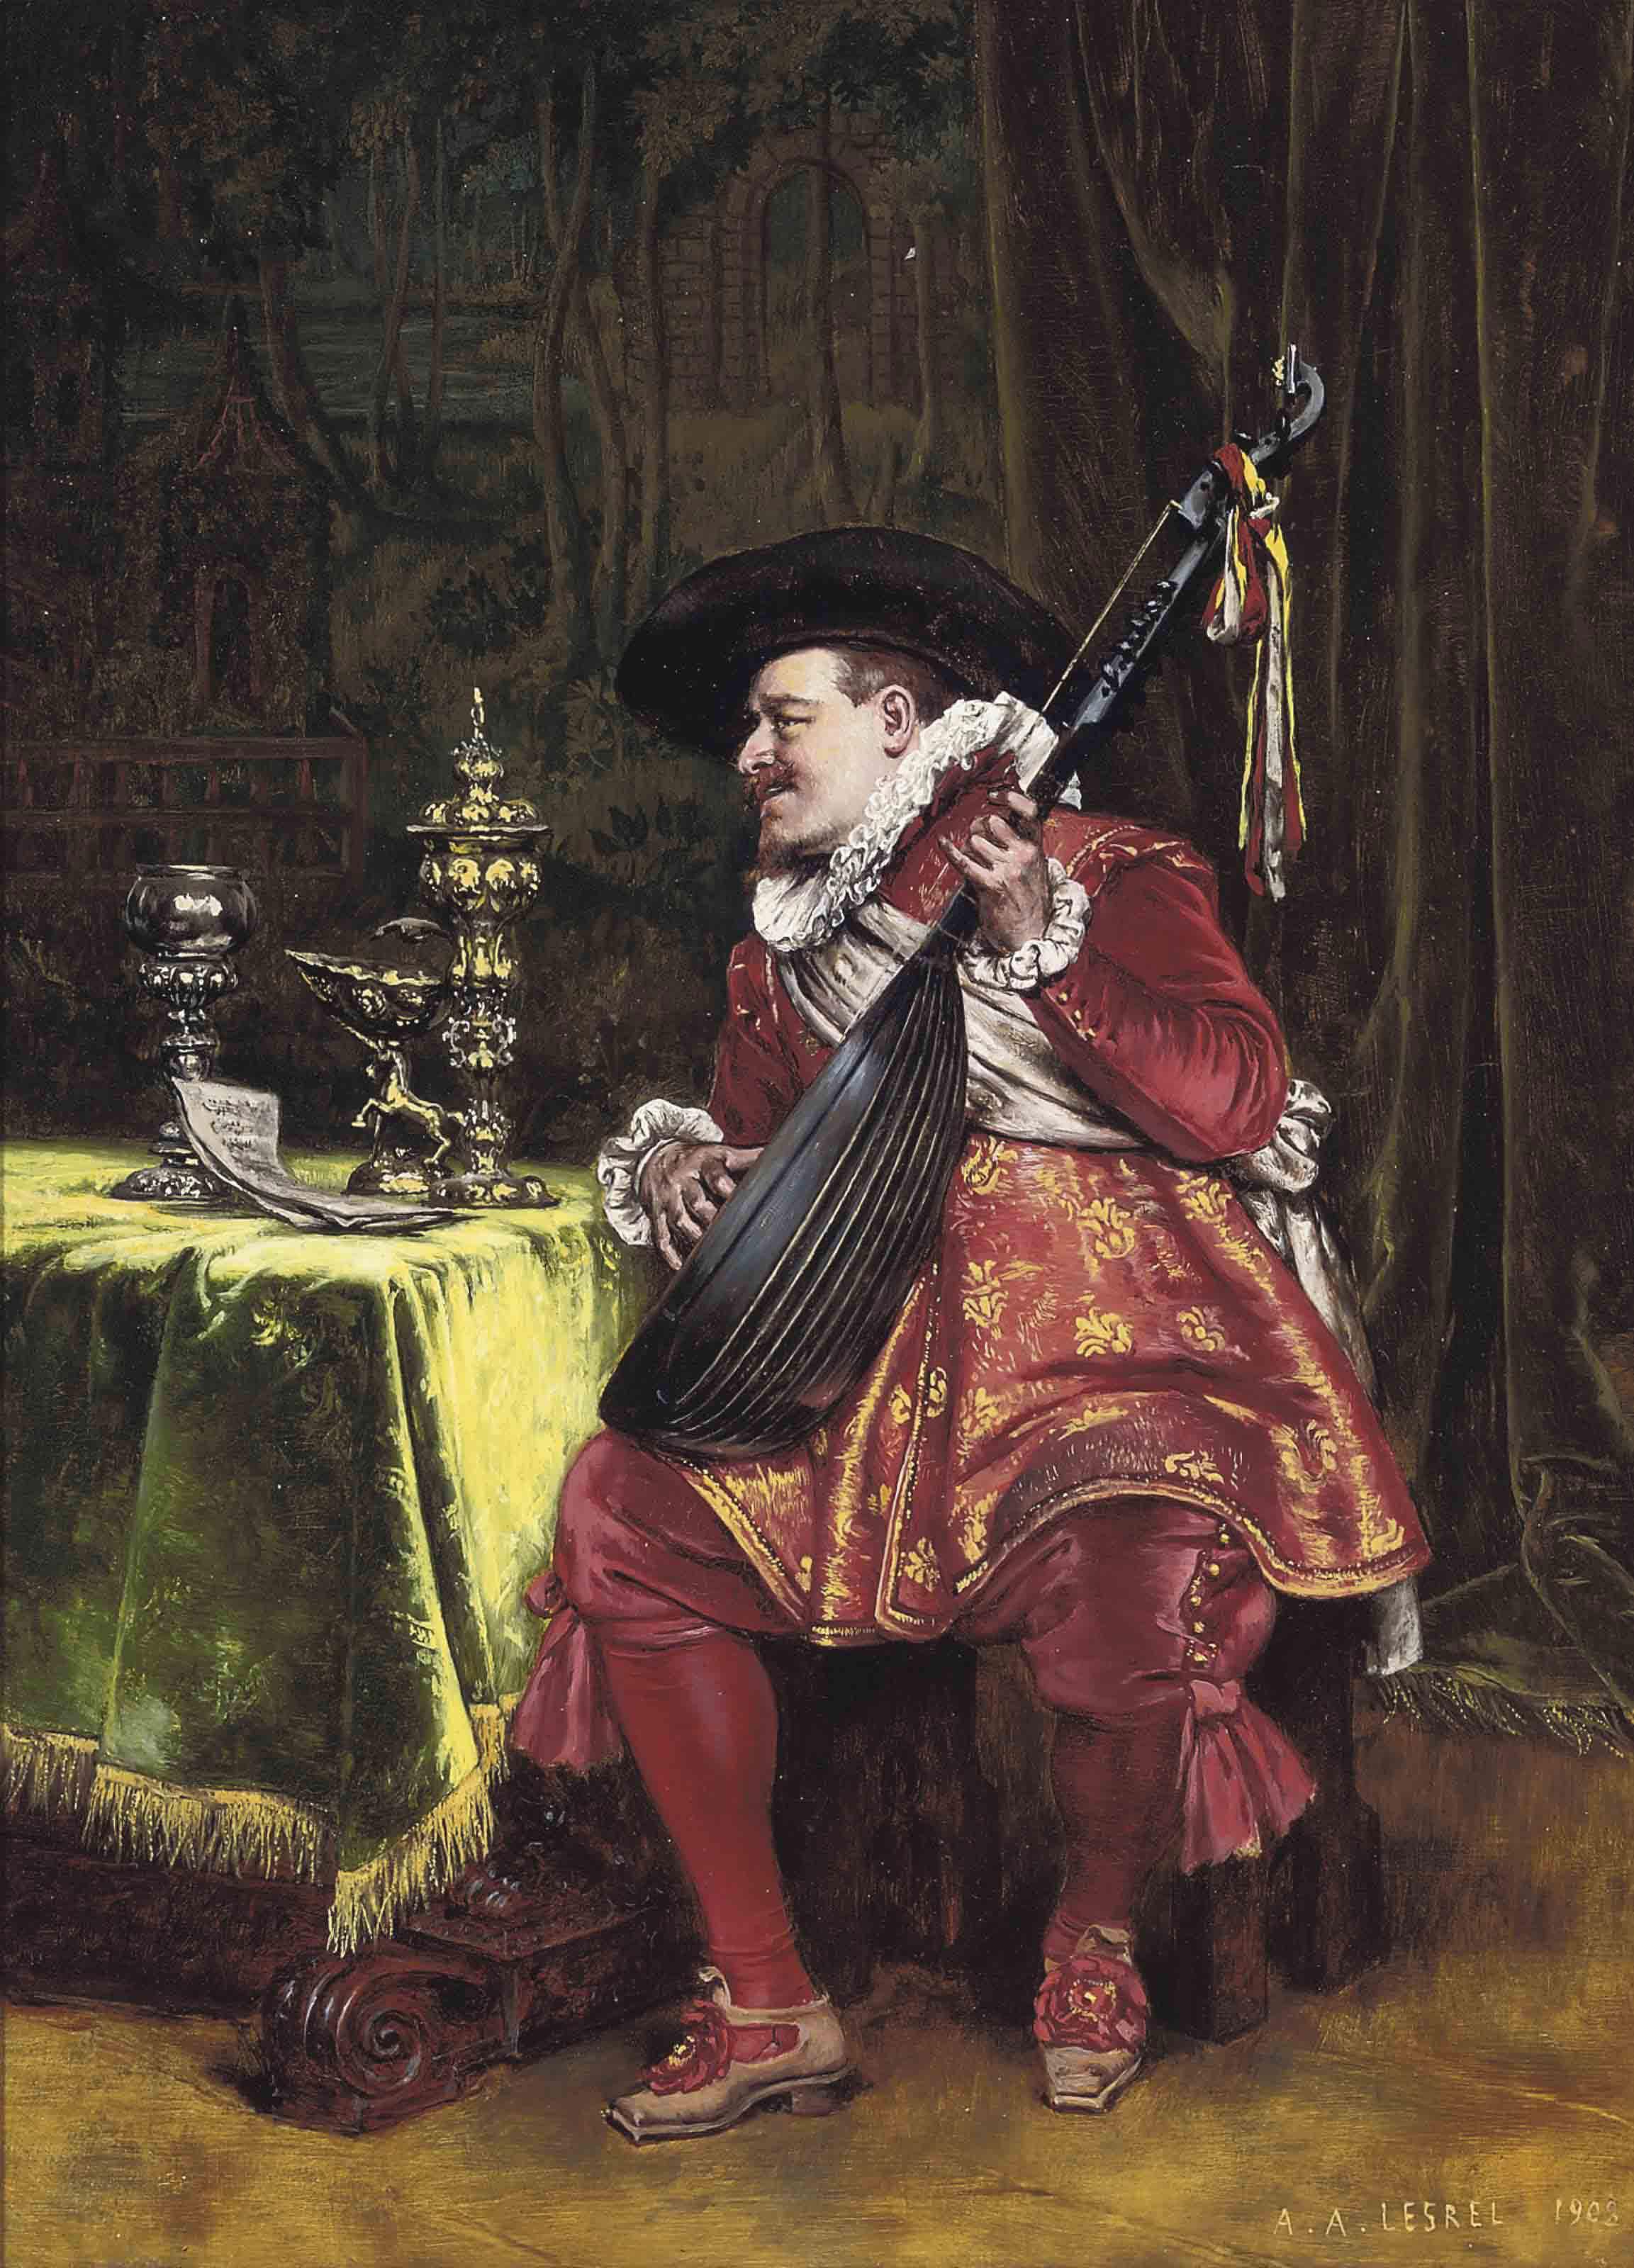 The Mandolin serenade